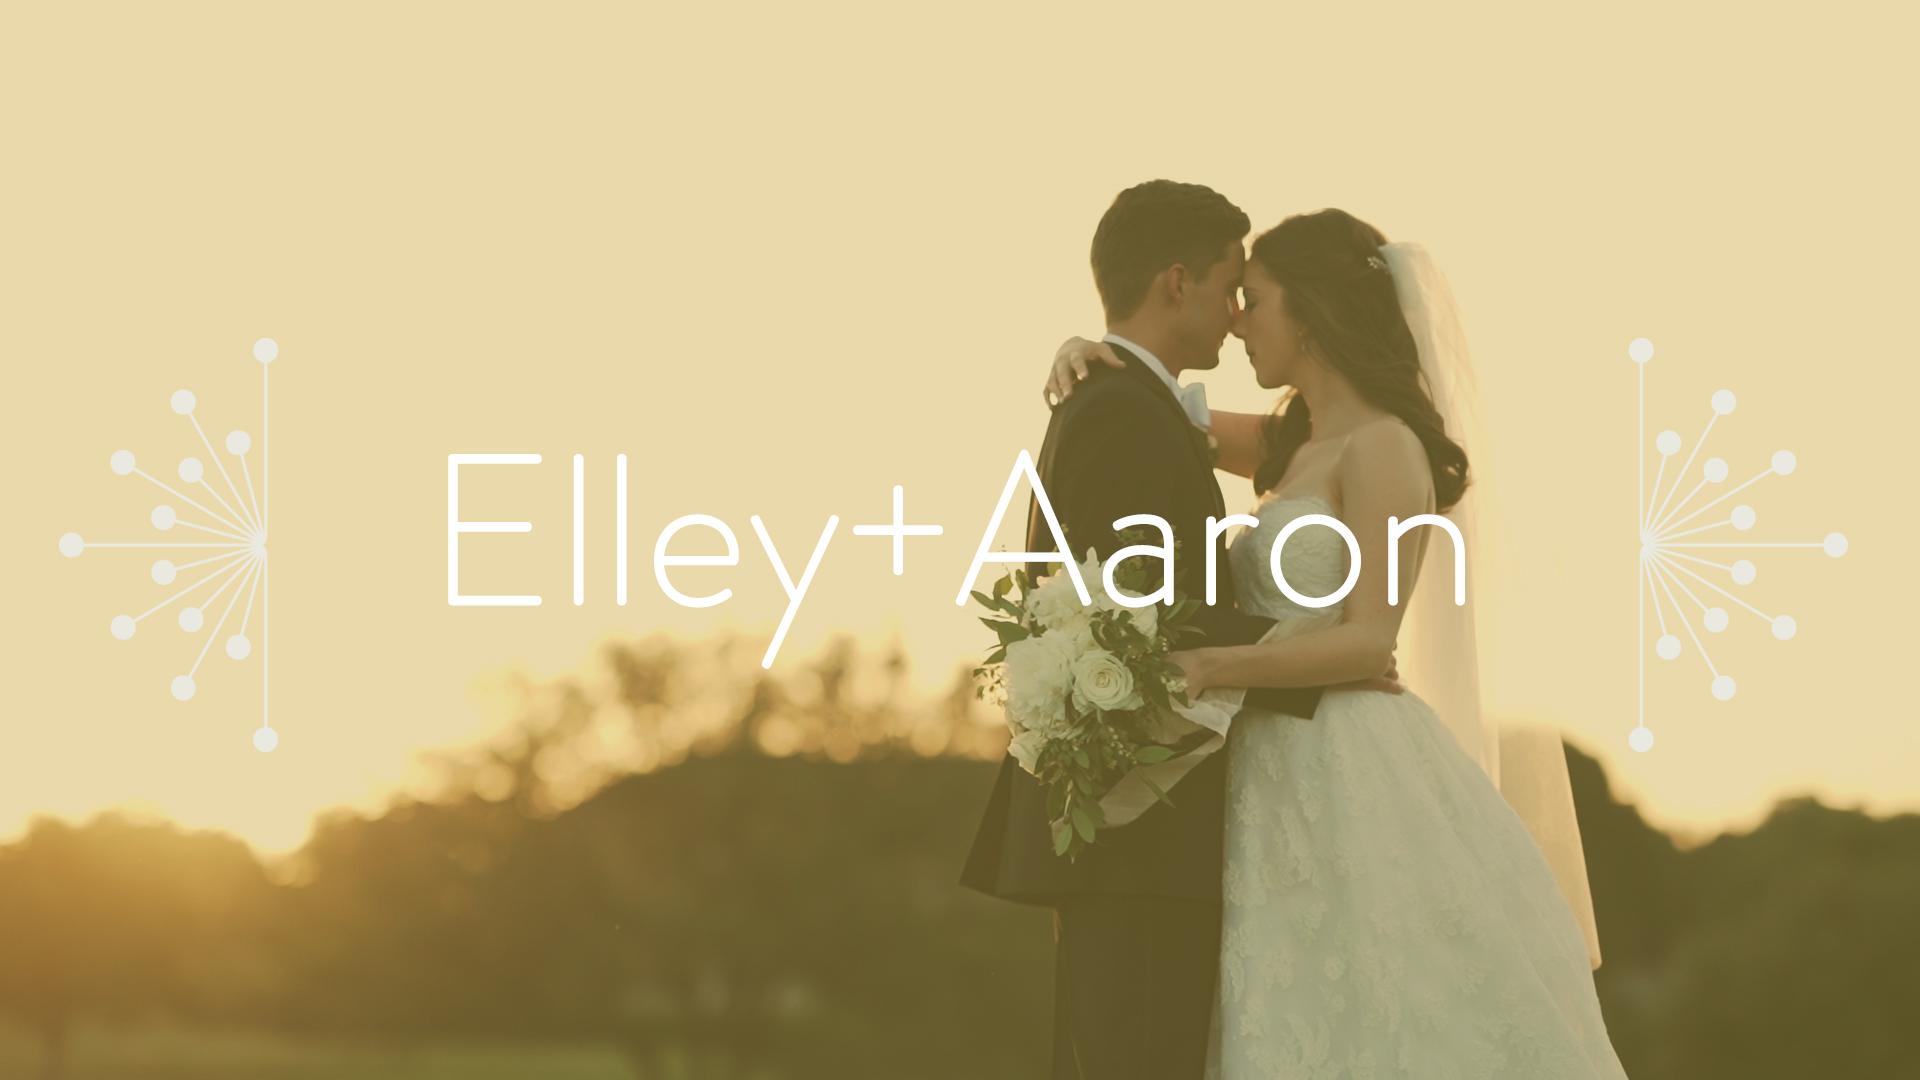 Elley + Aaron | Dallas, Texas | Four Seasons hotel las colinas